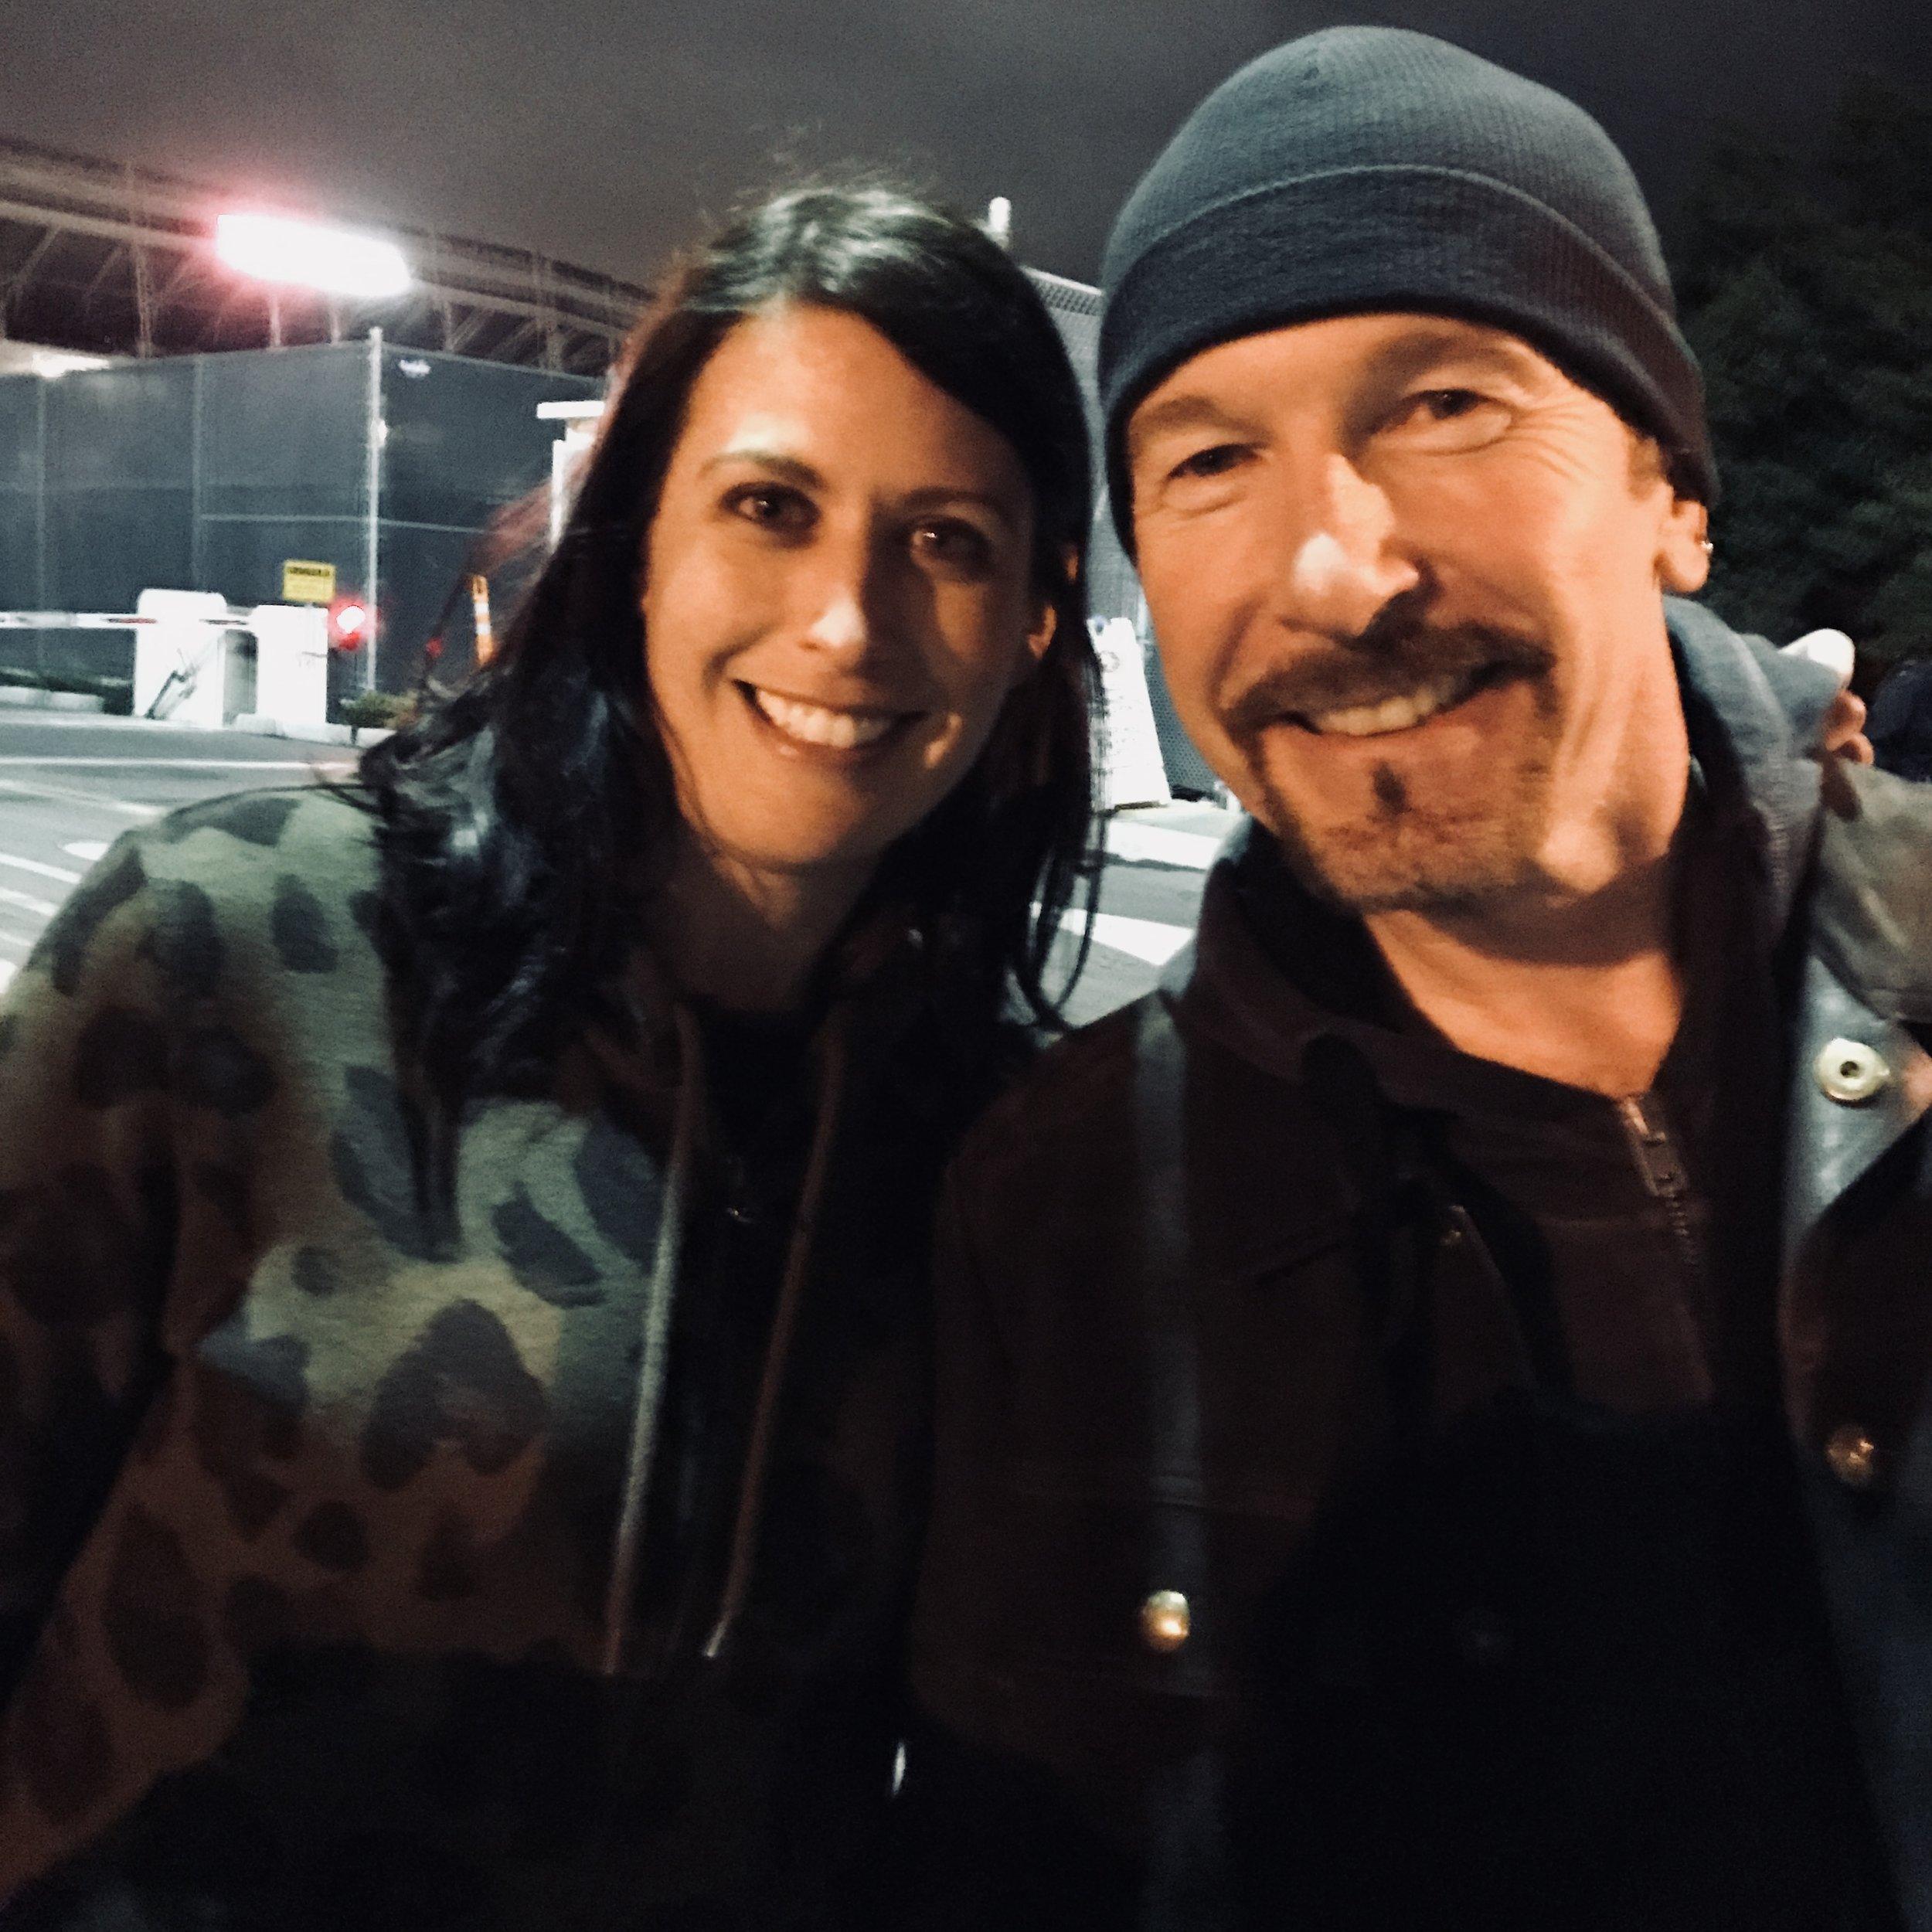 With Edge May 16, 2018 in Santa Clara, CA. Photo Credit: David Barry